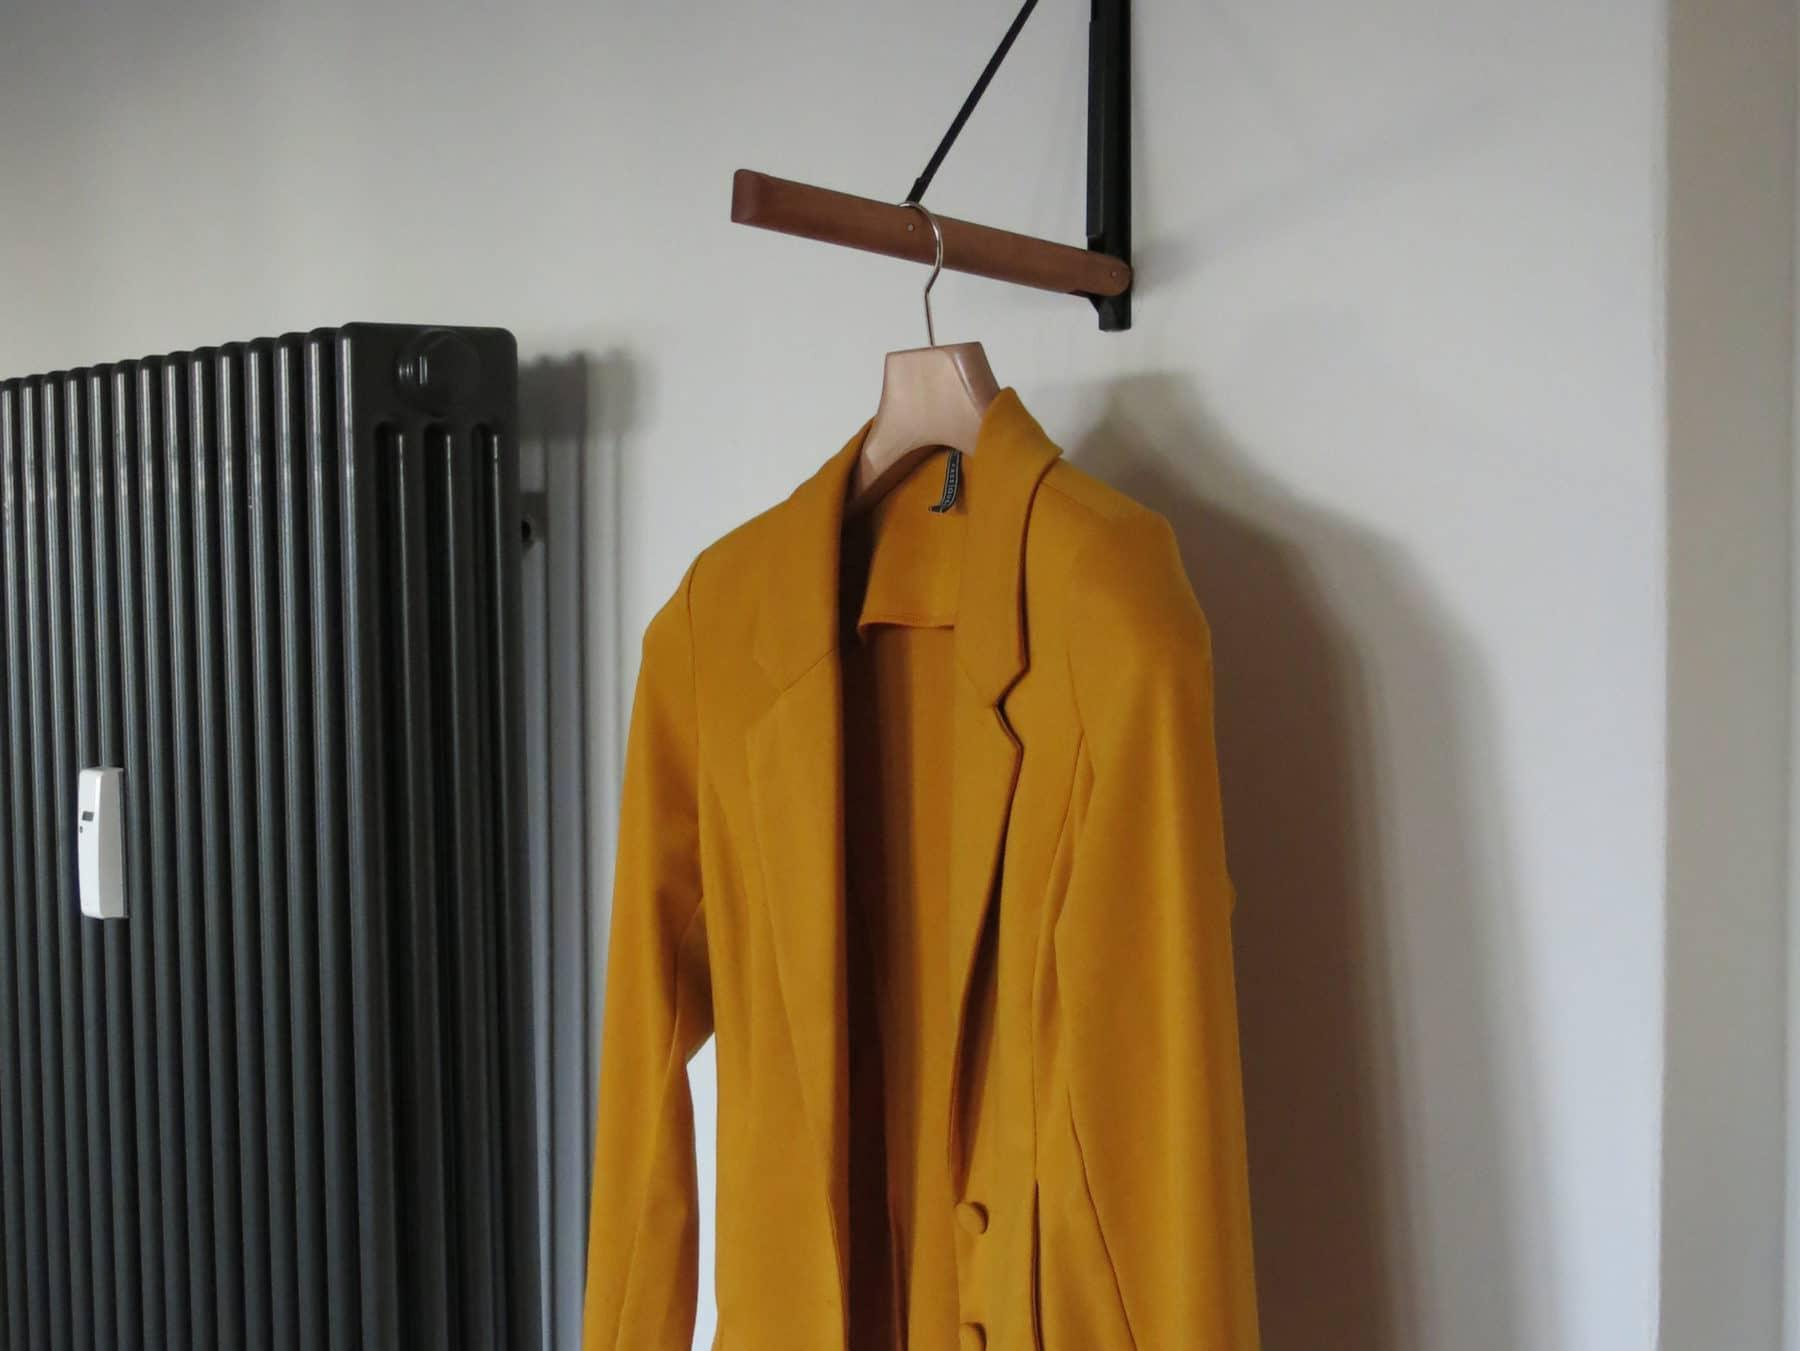 Kleiderstange Kirschbaum Beisik swiss made ausziehbar Wandmontage KURTS mood1